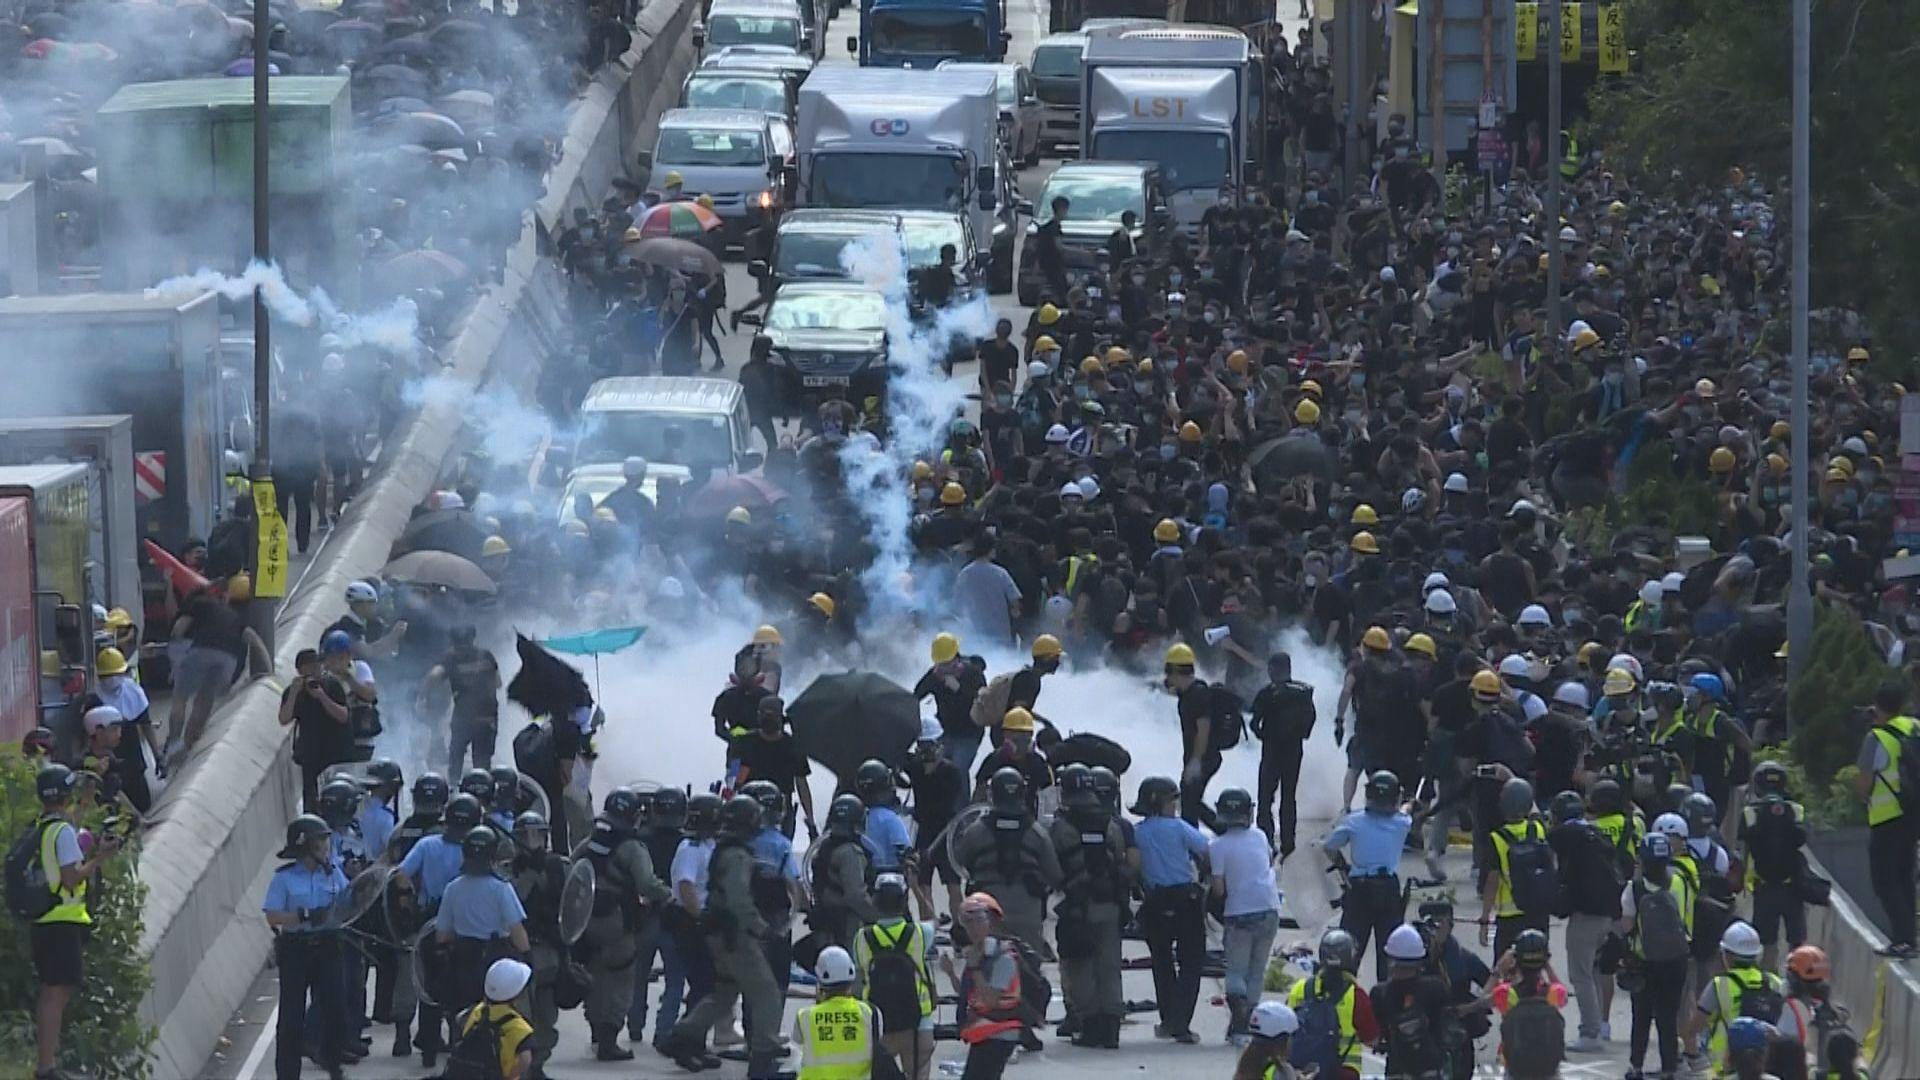 黃大仙龍翔道被佔據 警方催淚彈驅彈示威者